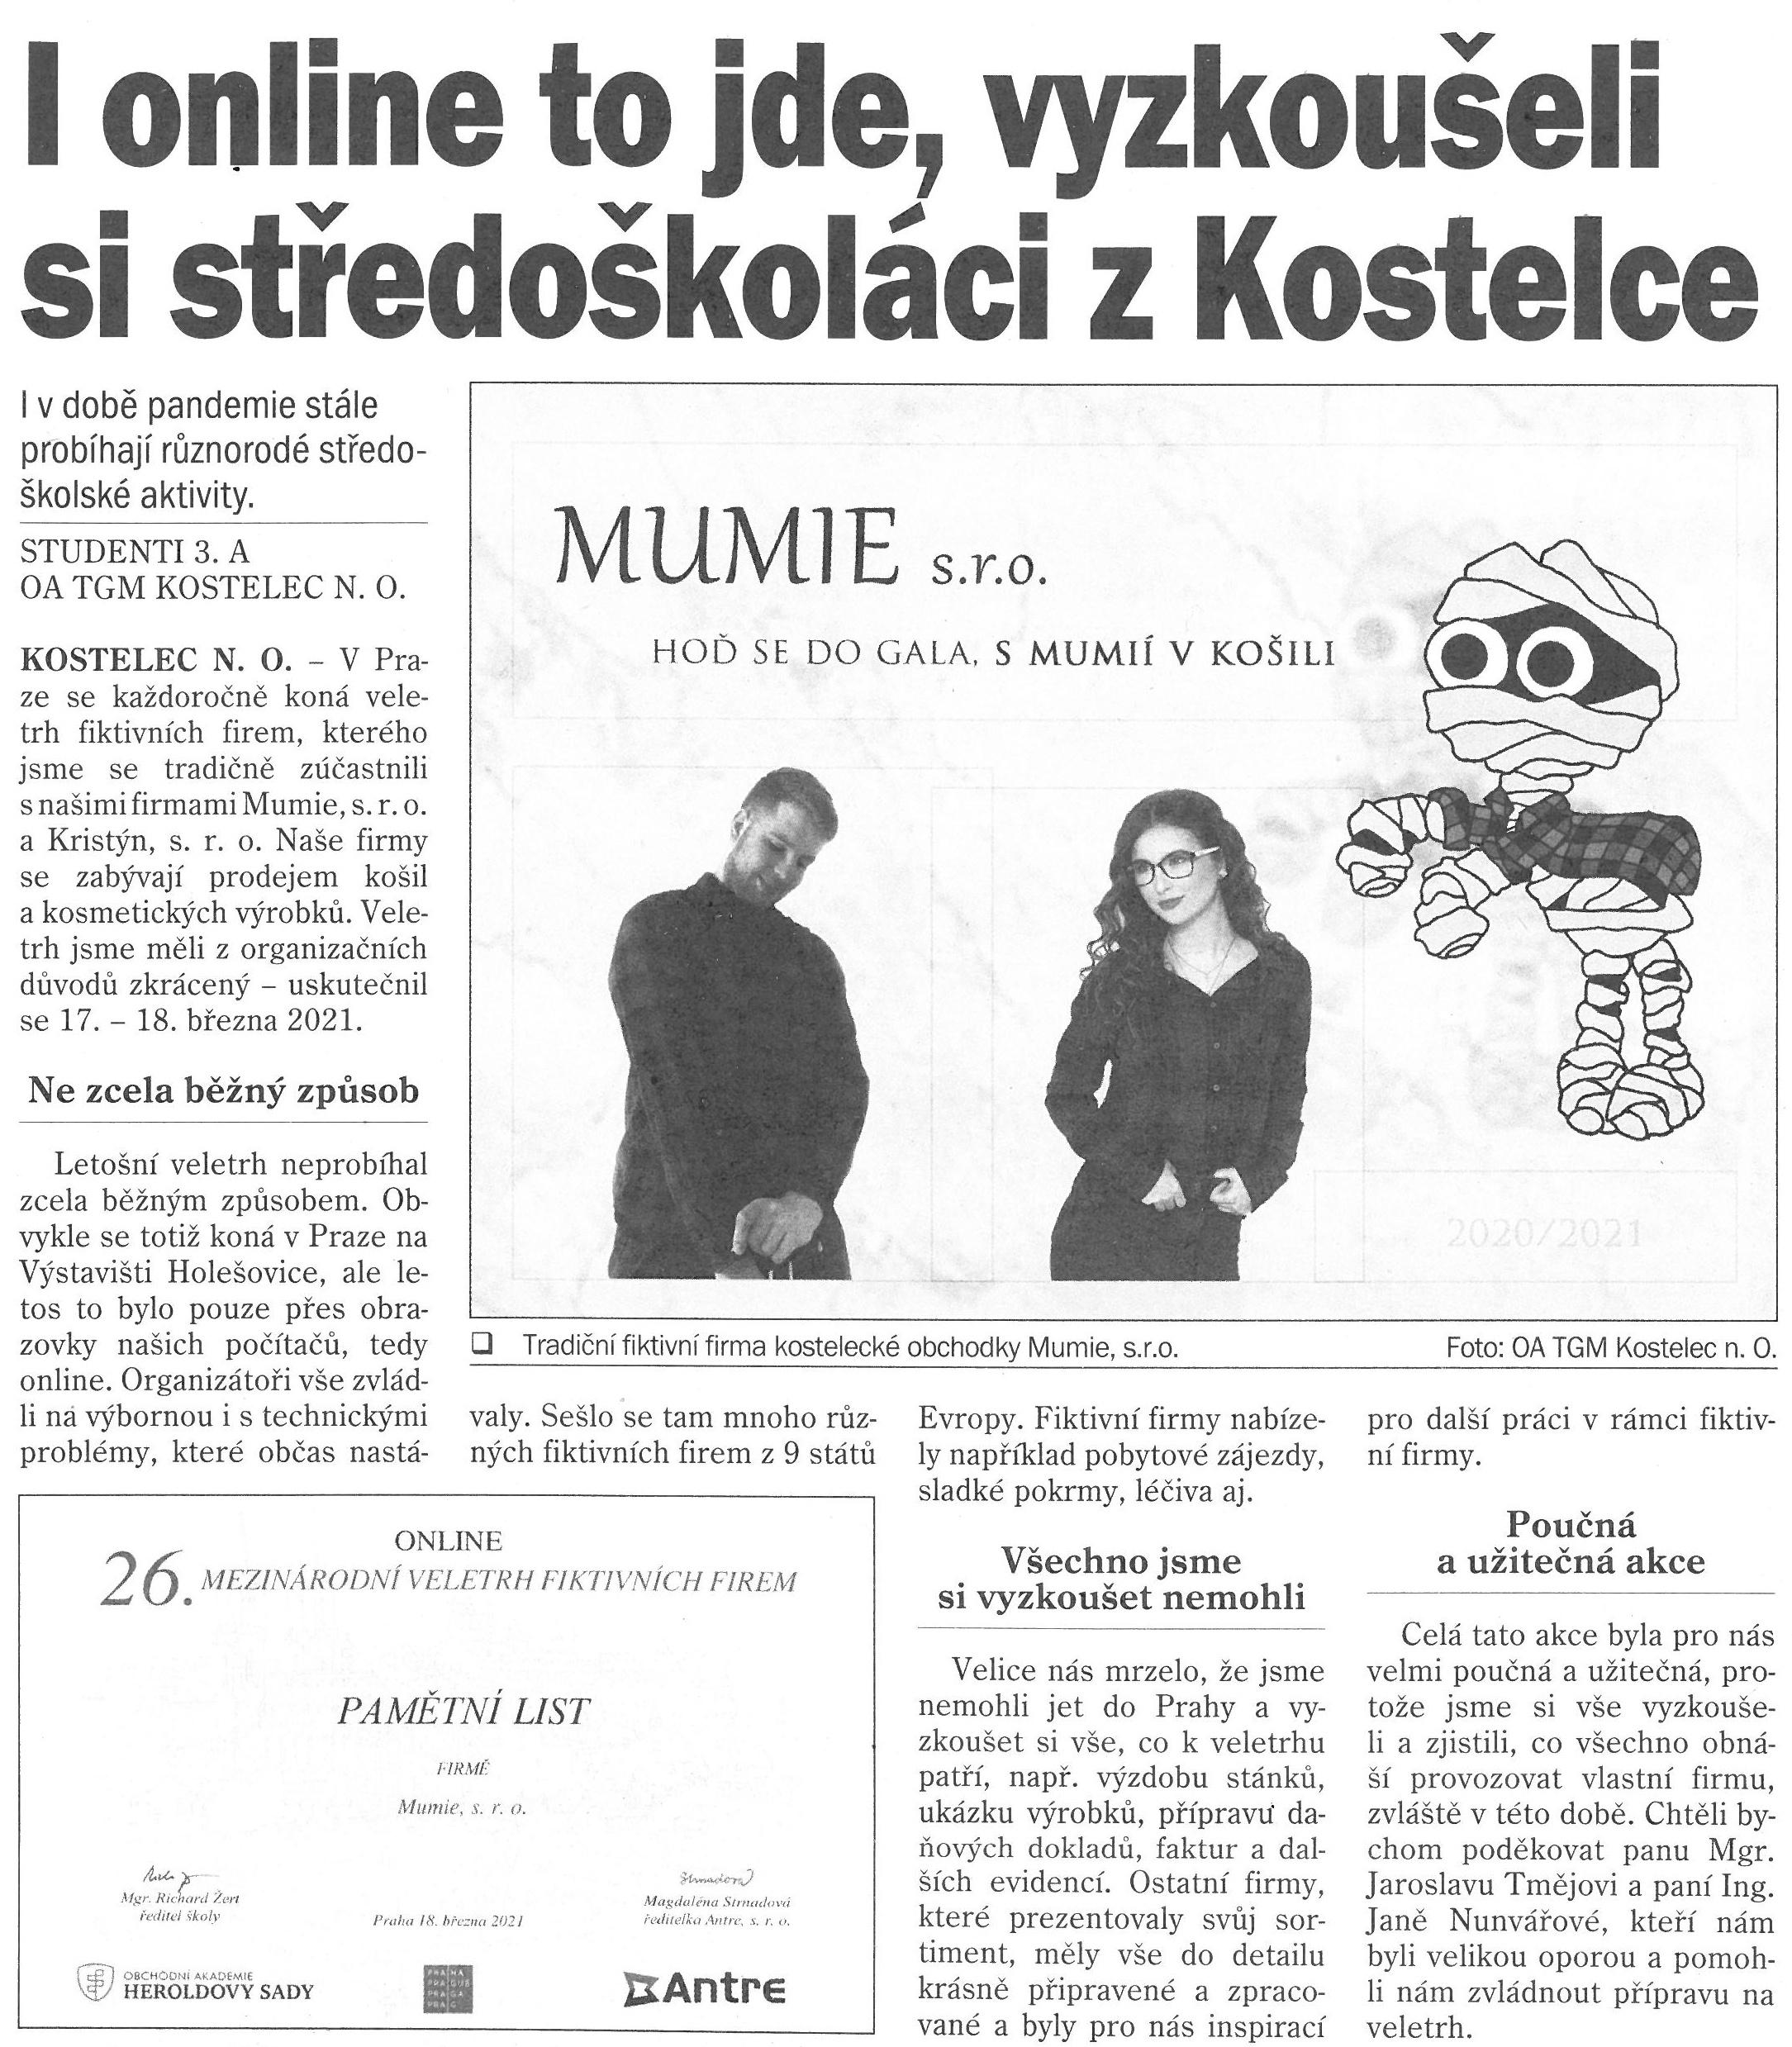 FTF článek z novin